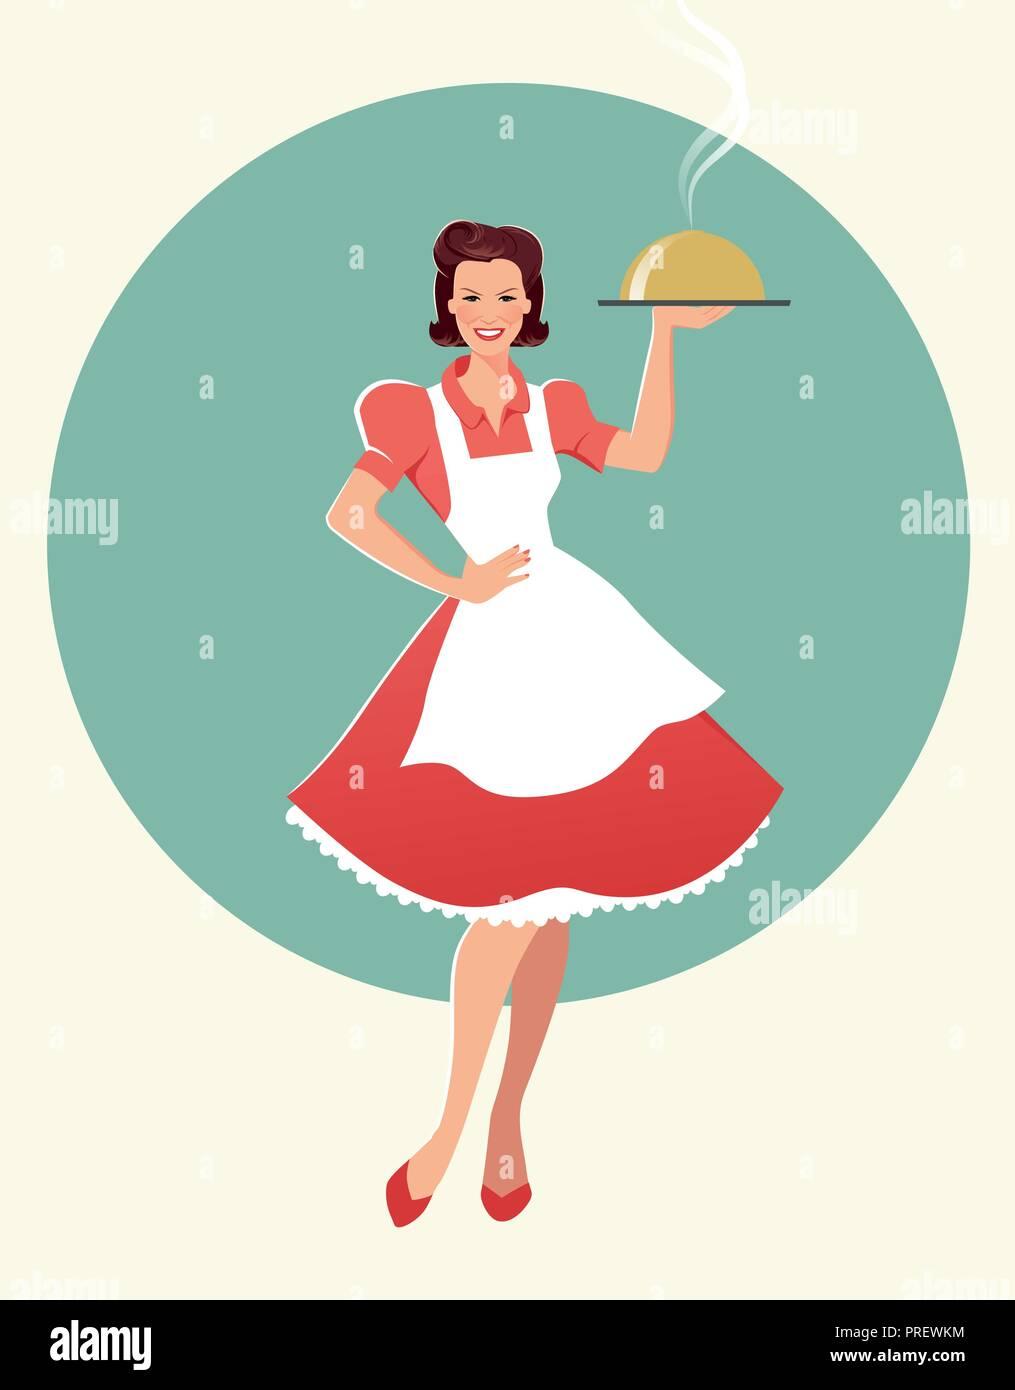 La casalinga che porta un vassoio con la cena. In stile retrò. Illustrazione  Vettoriale f5a34b17b1e2